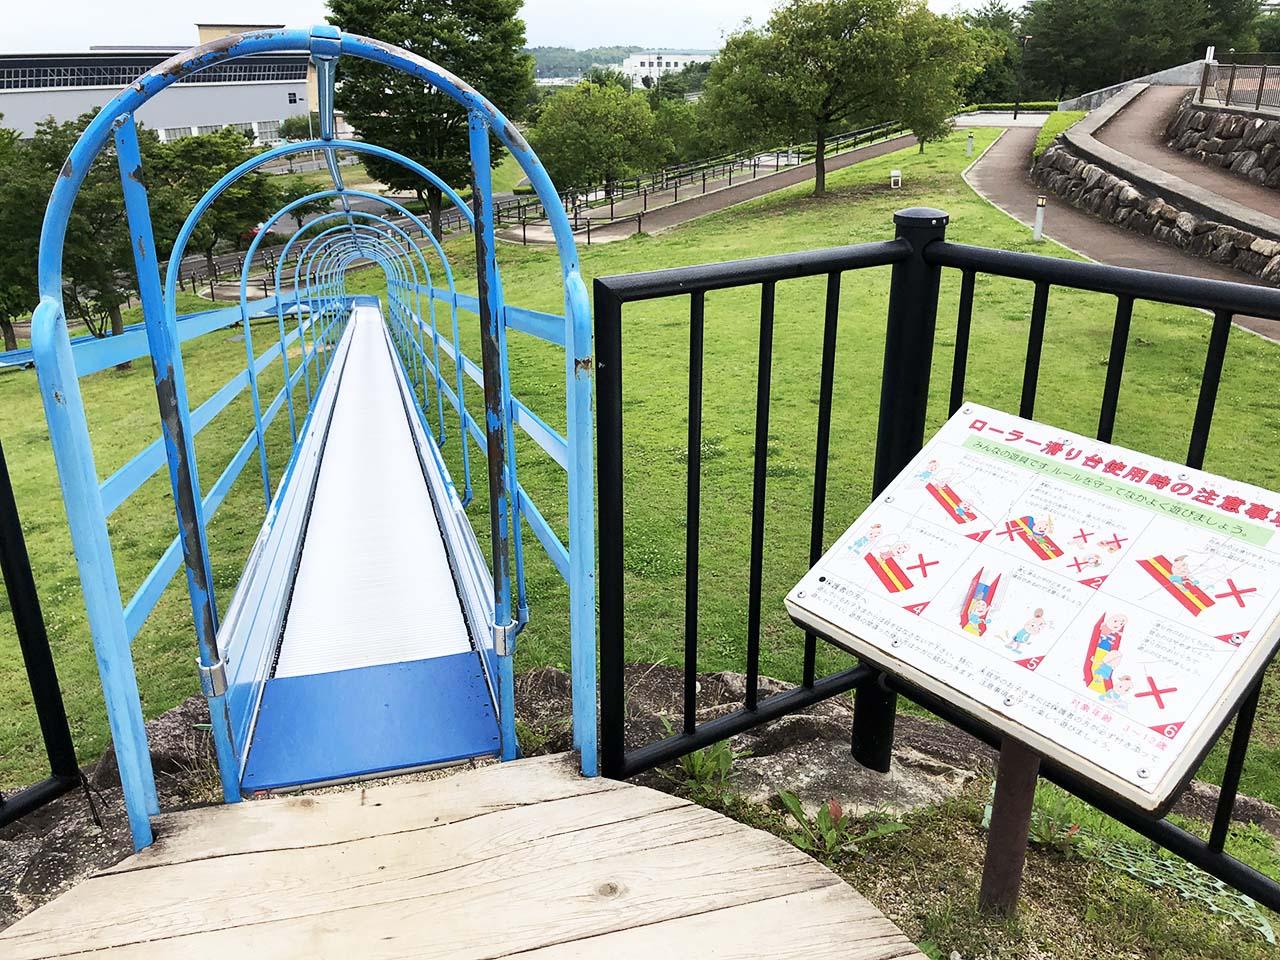 子供と遊ぶ公園中津川市の中津川公園の遊具広場ローラー滑り台1